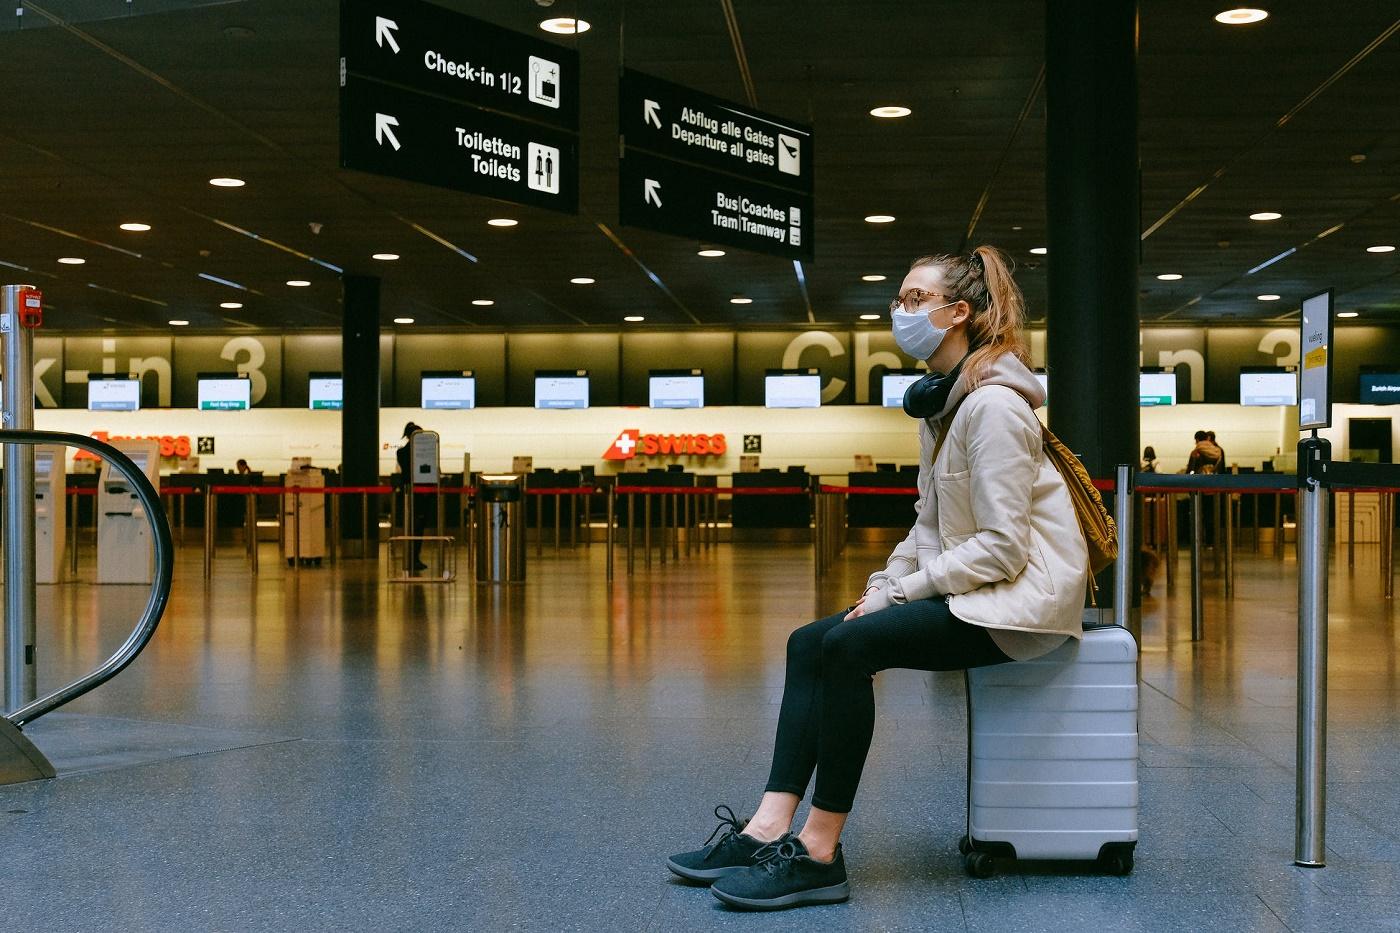 Donna con mascherina seduta su un trolley all'interno di un aeroporto vuoto